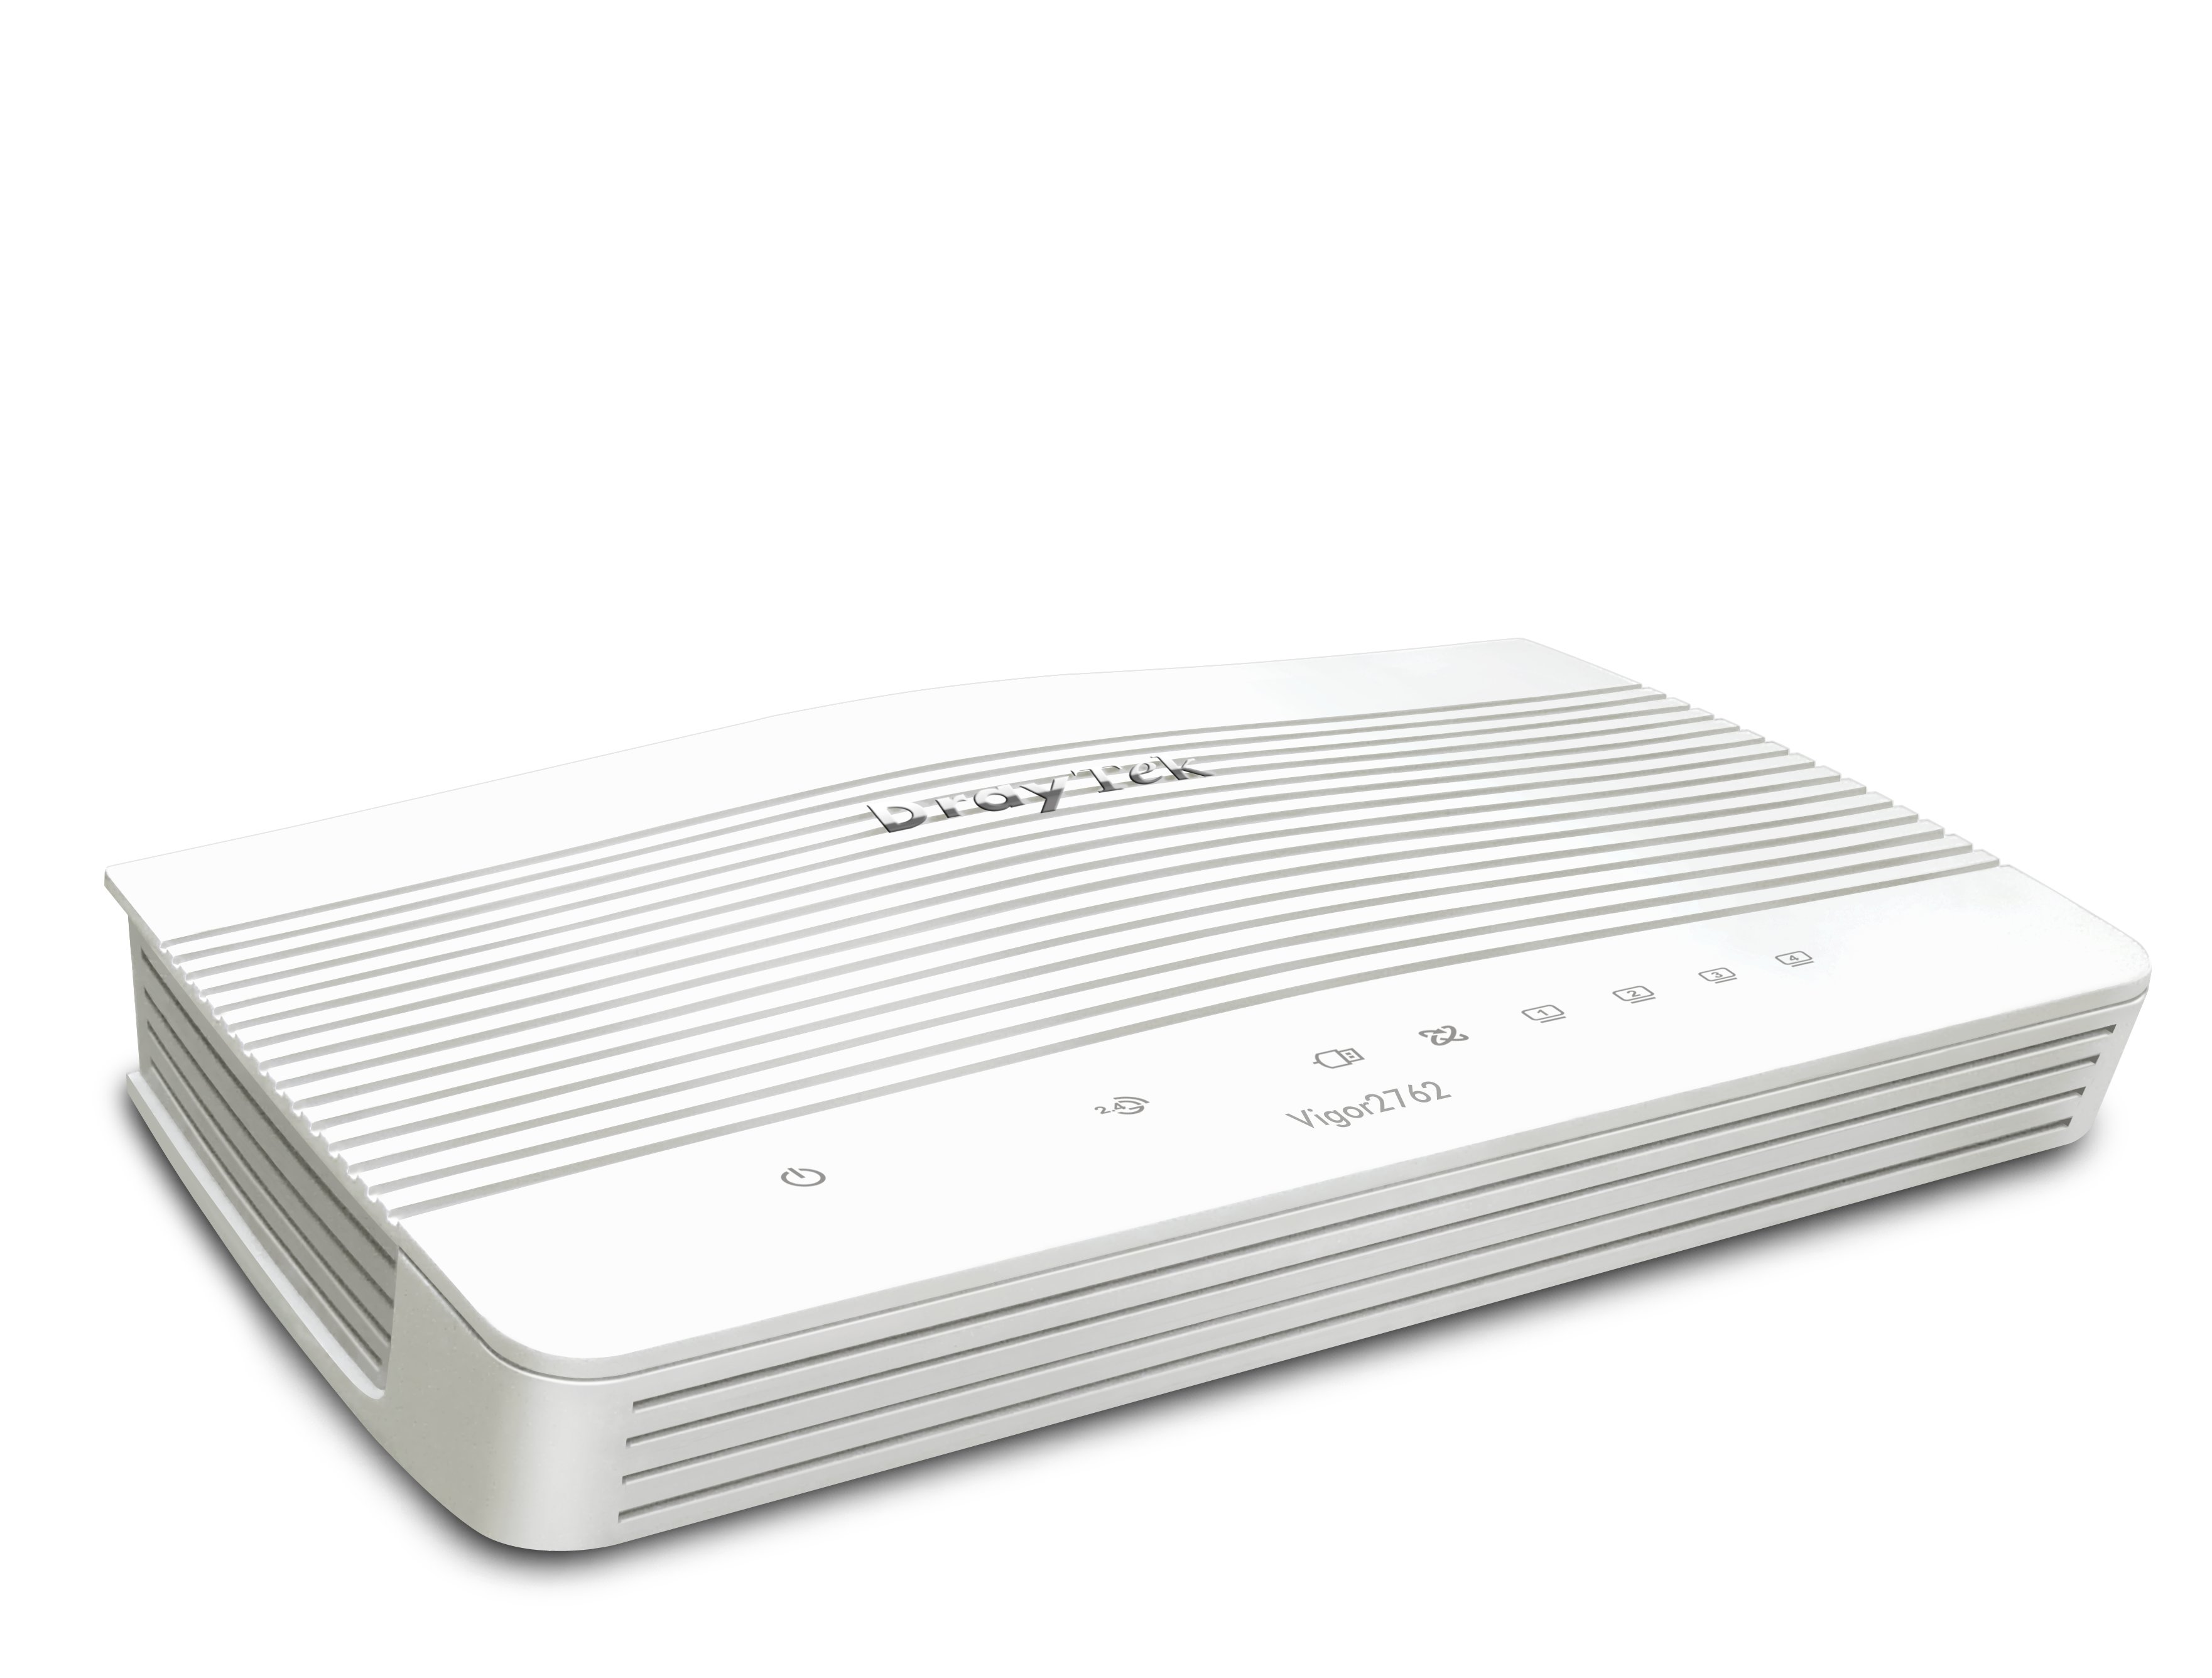 Draytek V2762 Router Front